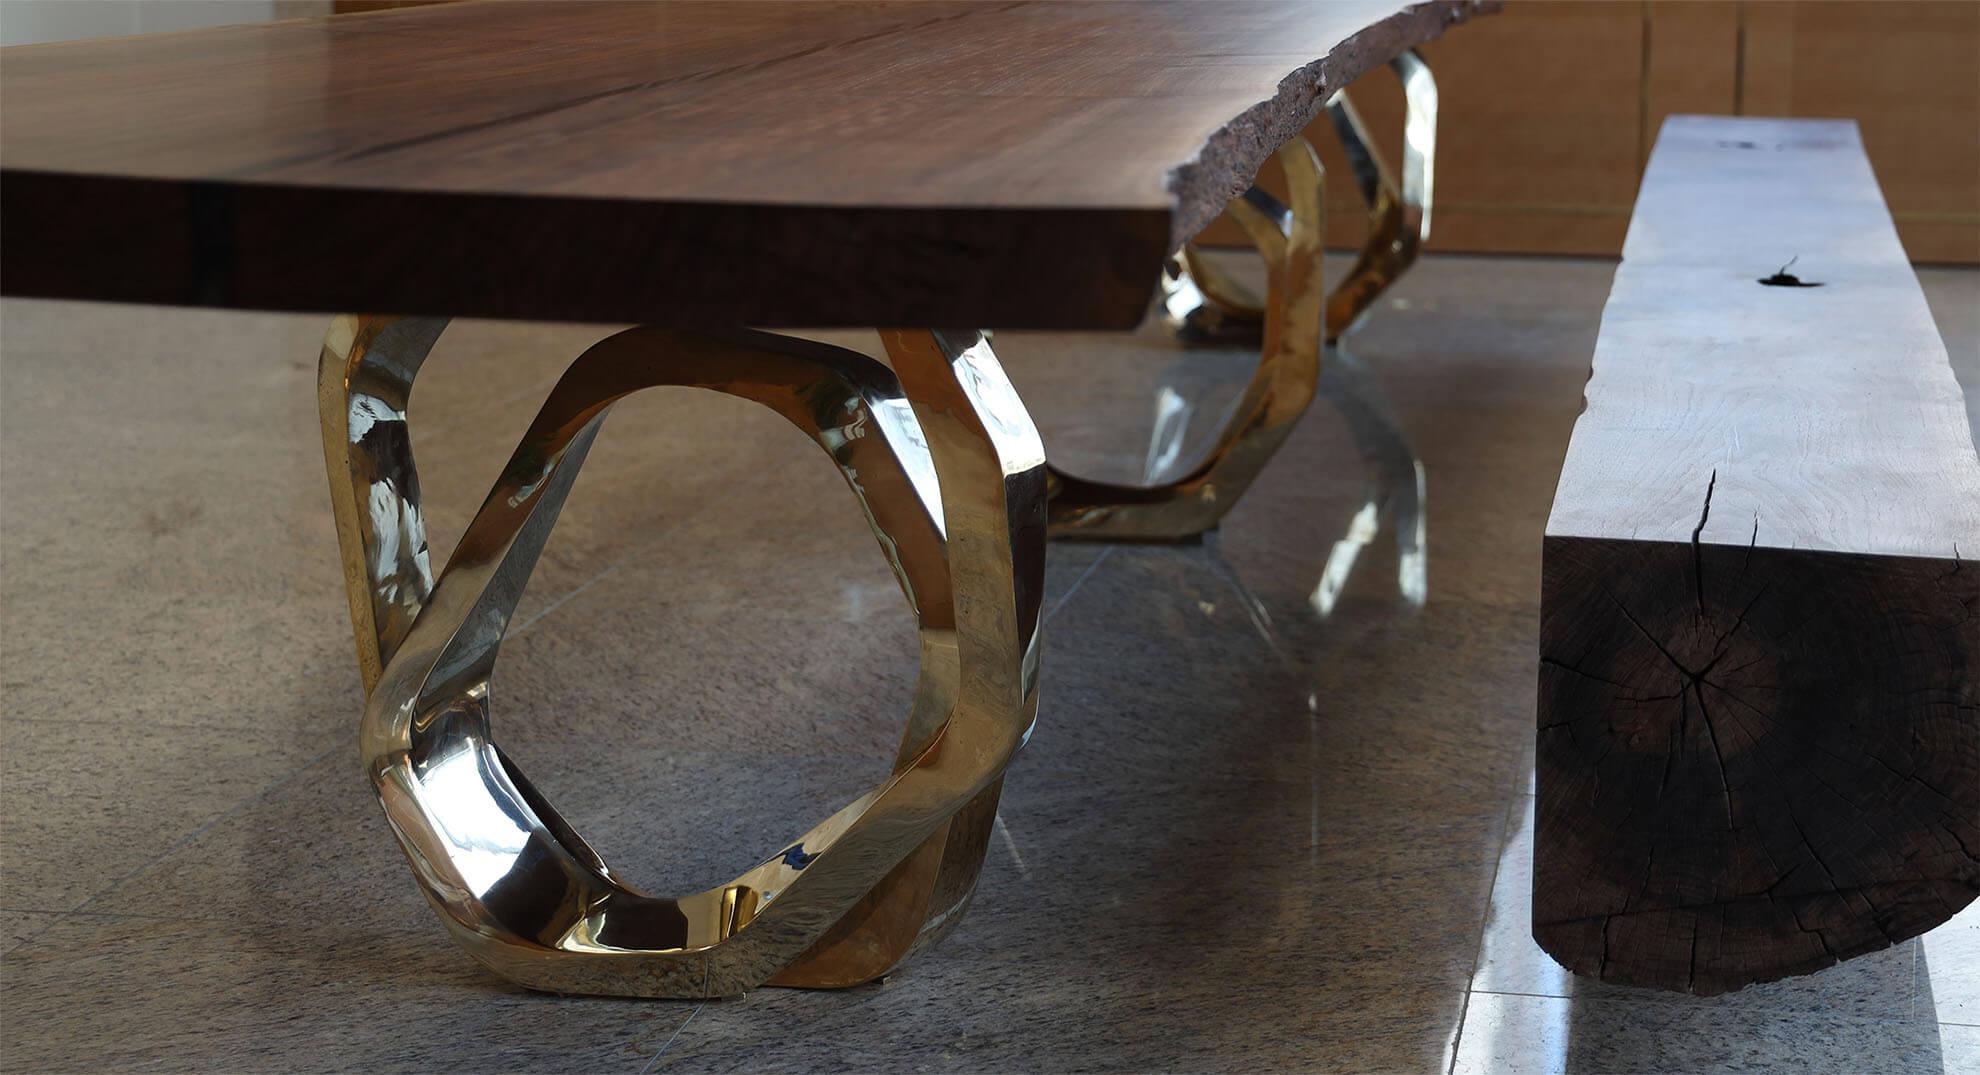 링 형태의 황동 주물 다리와 클라로월넛 테이블 사진